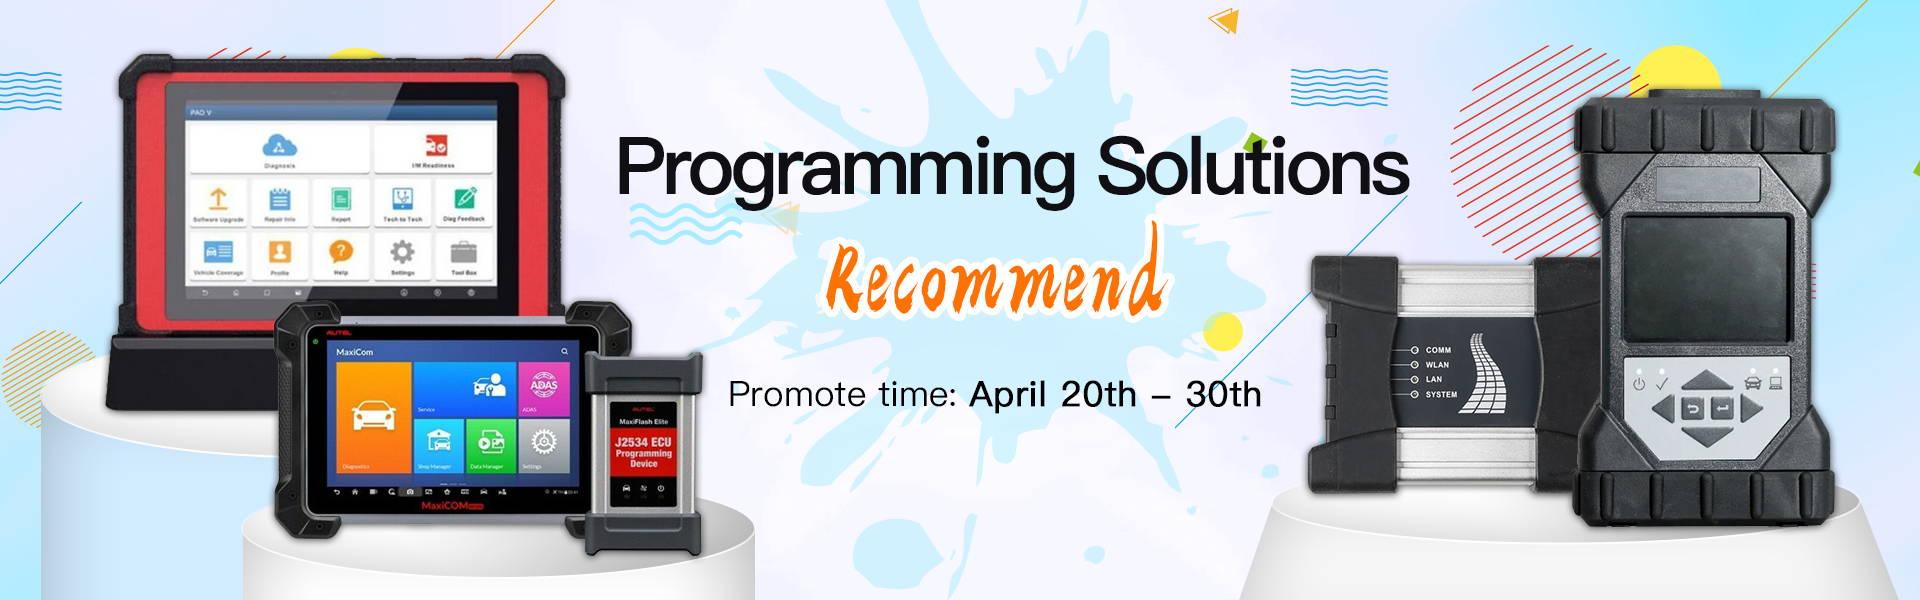 VXDAS Programming solution